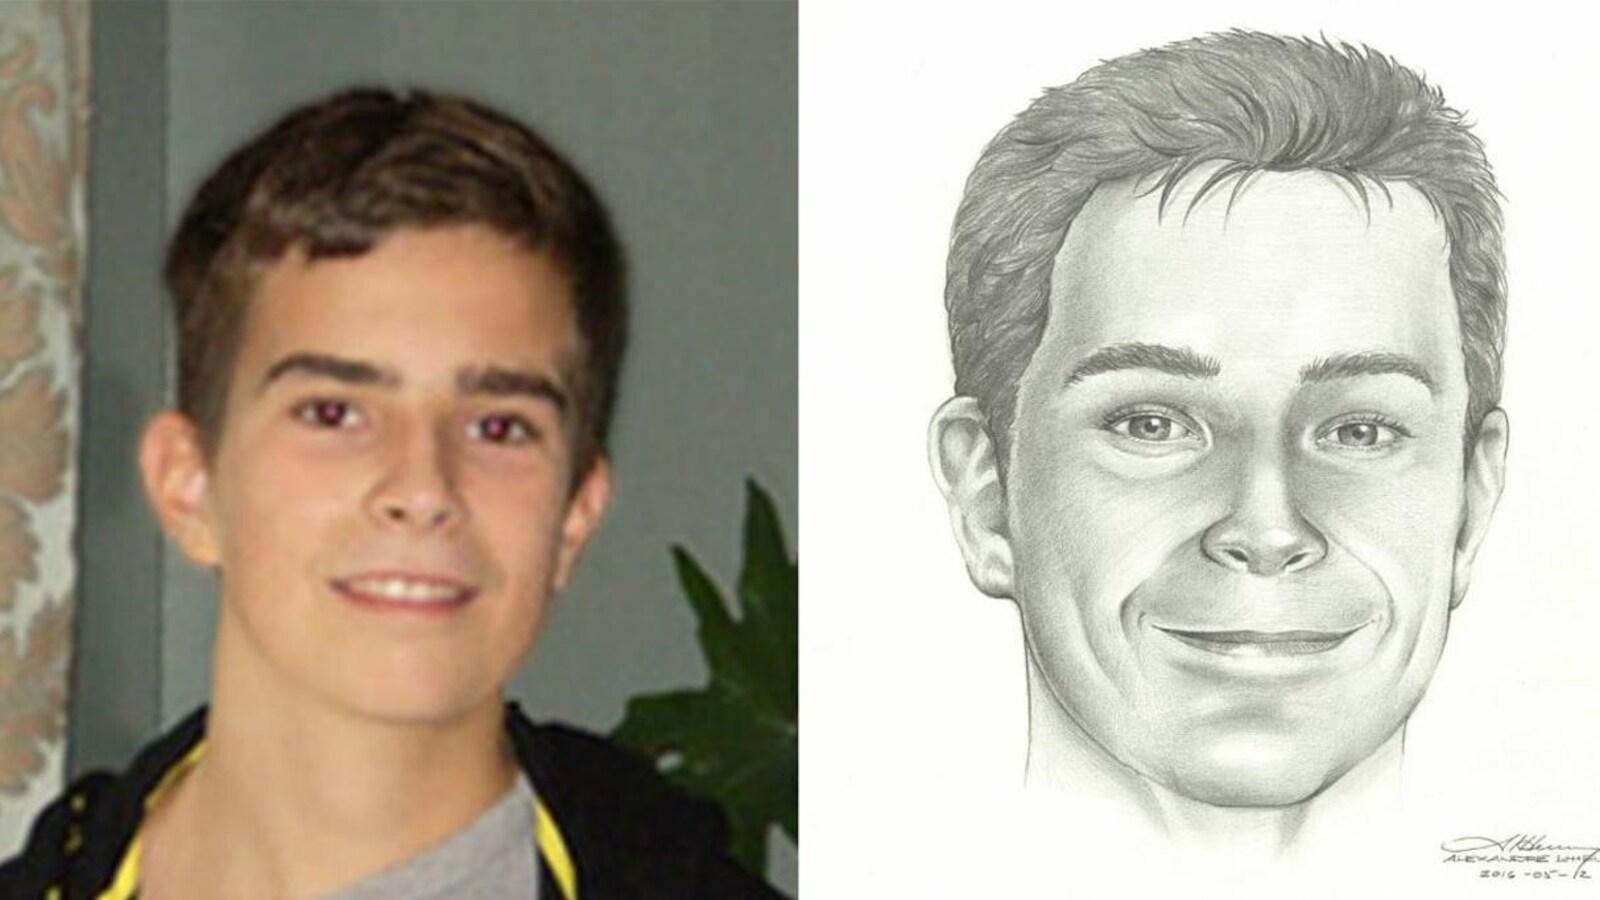 David Fortin au  moment de sa disparition et un portrait-robot de lui avec les traits plus vieux.